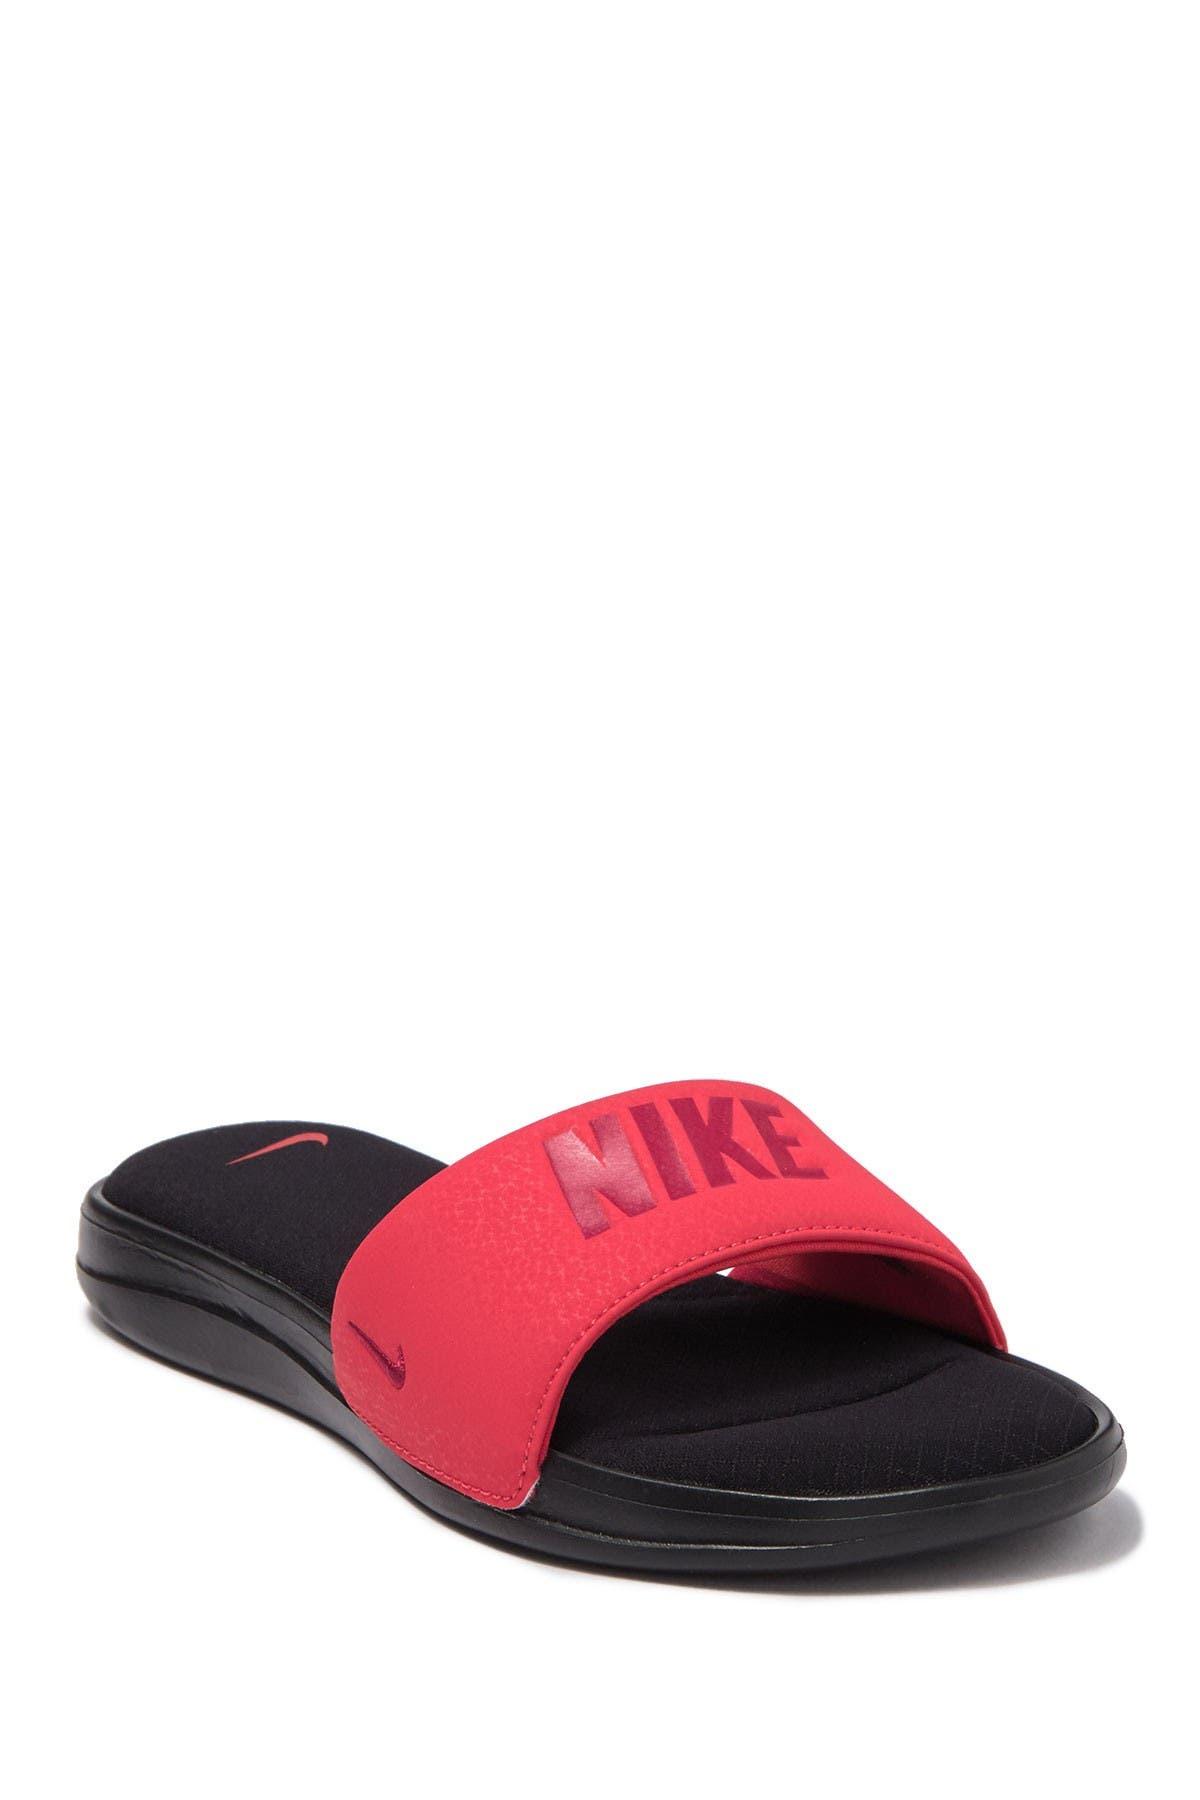 Nike   Ultra Comfort 3 Slide Sandal